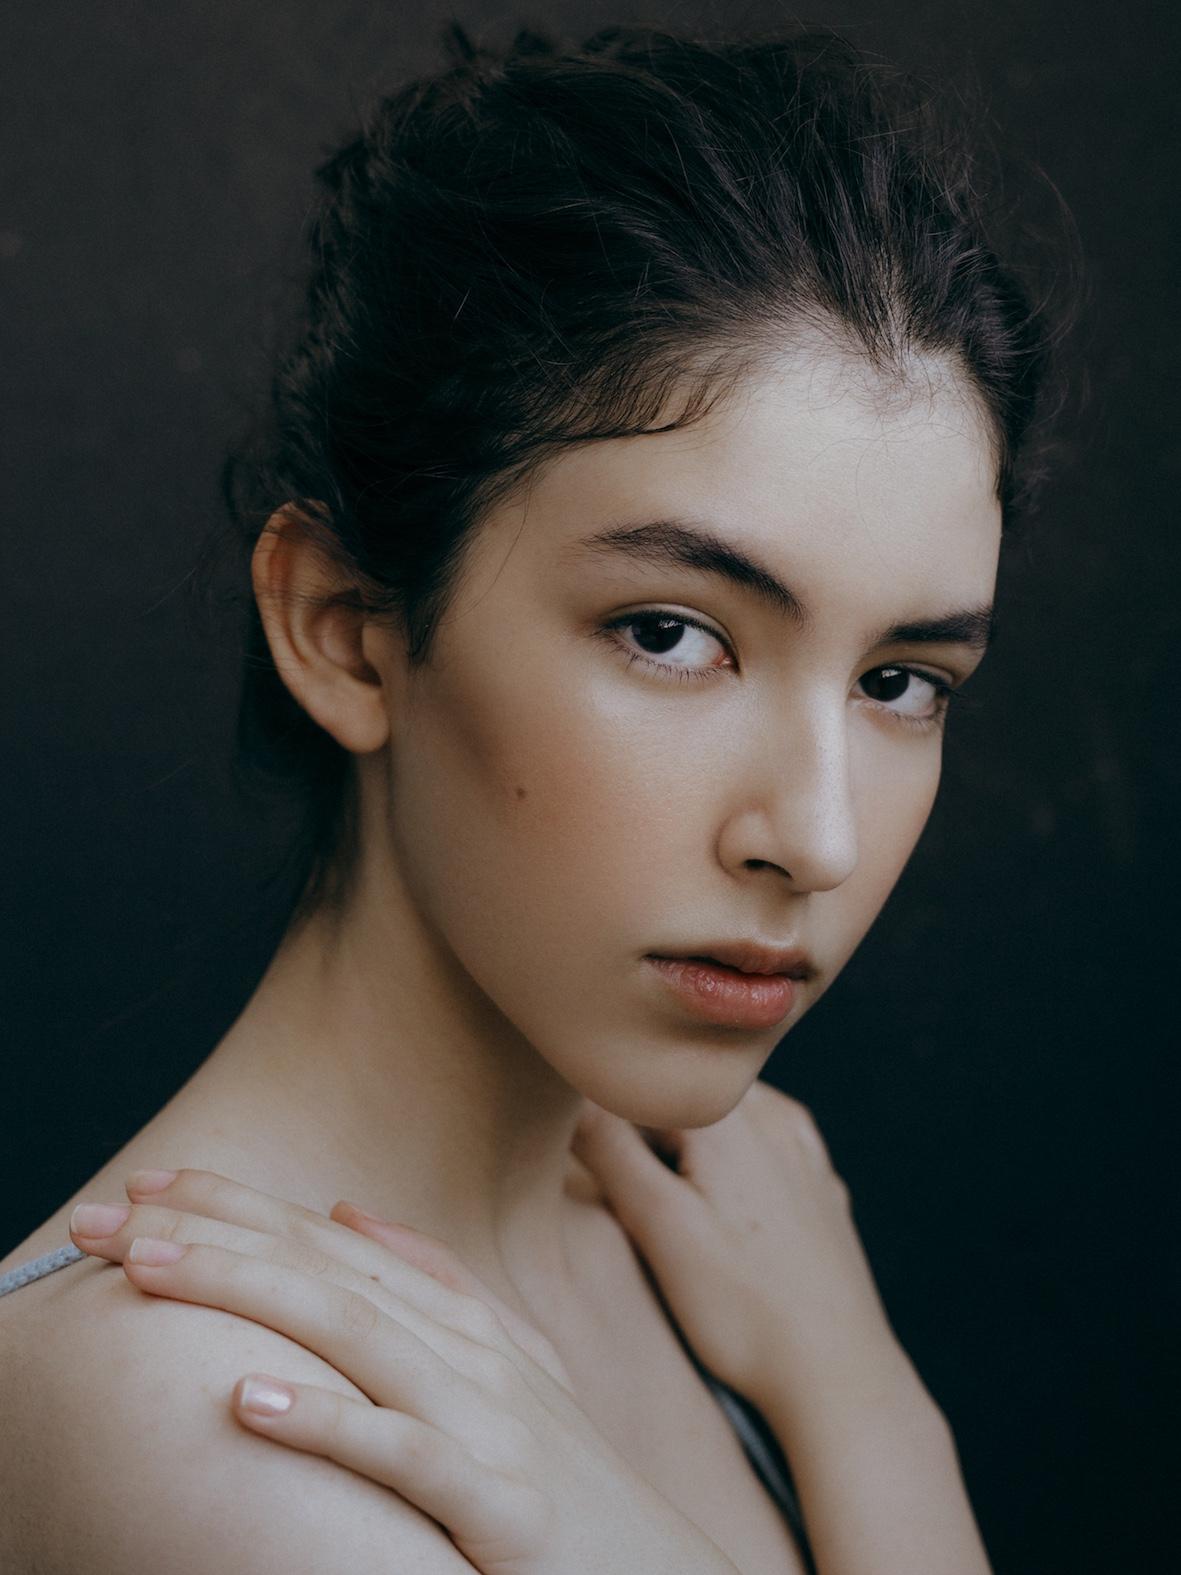 Ana Clara Ruffeil 2